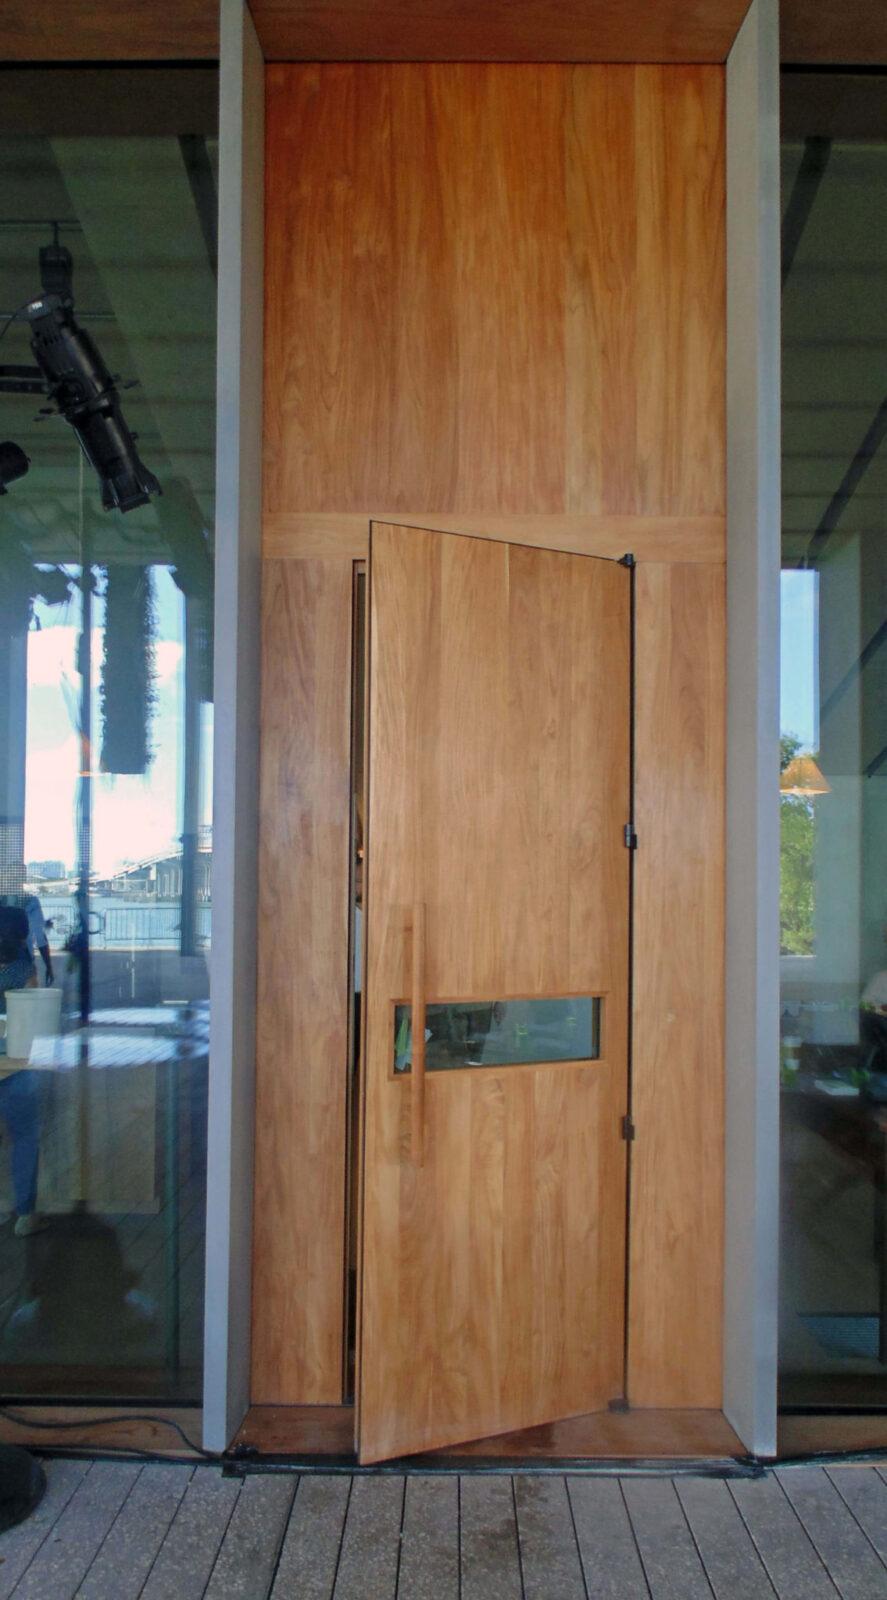 TEAK EXTERIOR DOOR FOR THE PEREZ MUSEUM OF ART.